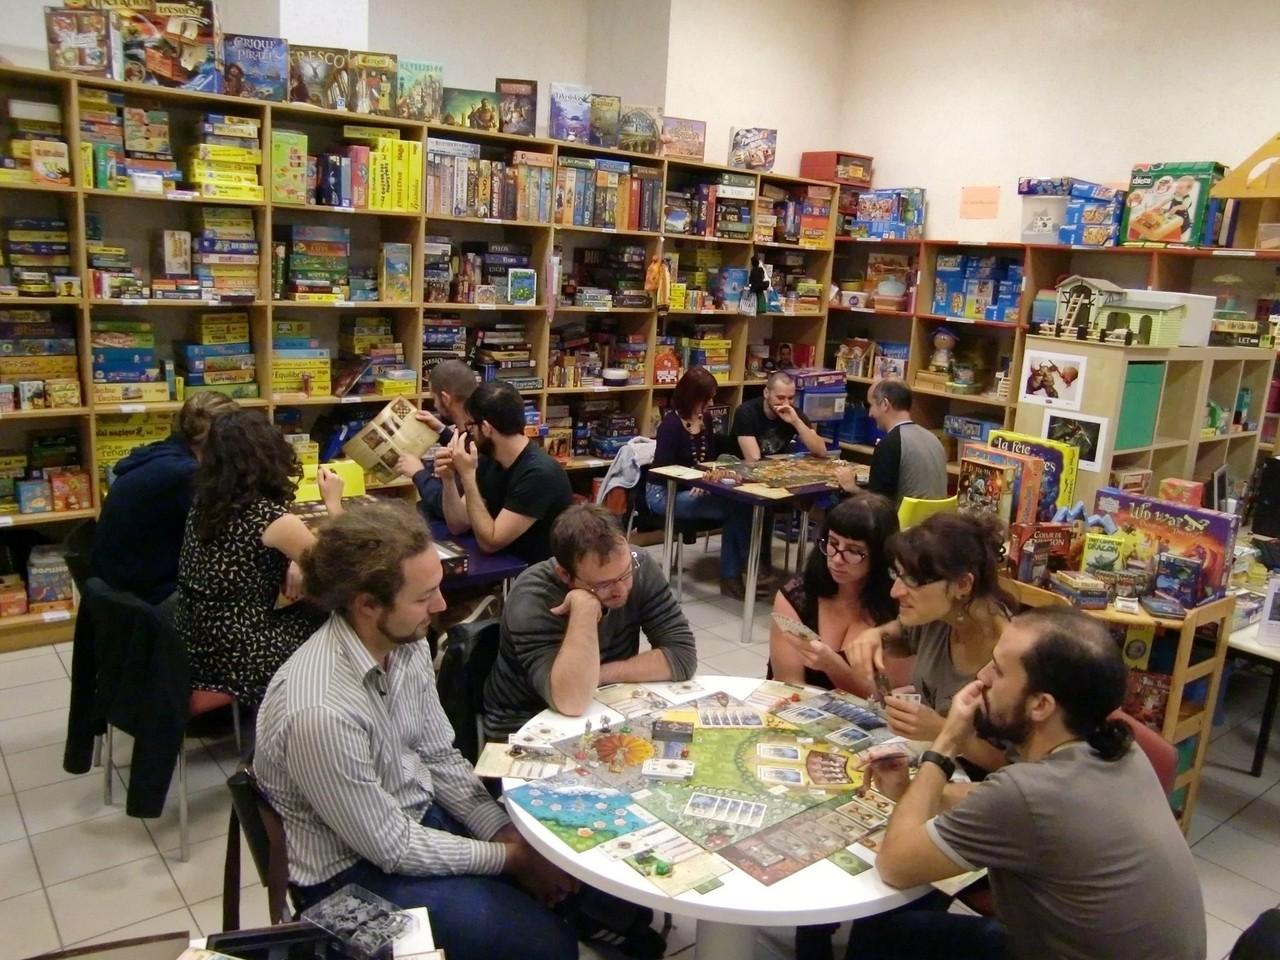 une petite quinzaine de joueurs partie sur des jeux coopératifs